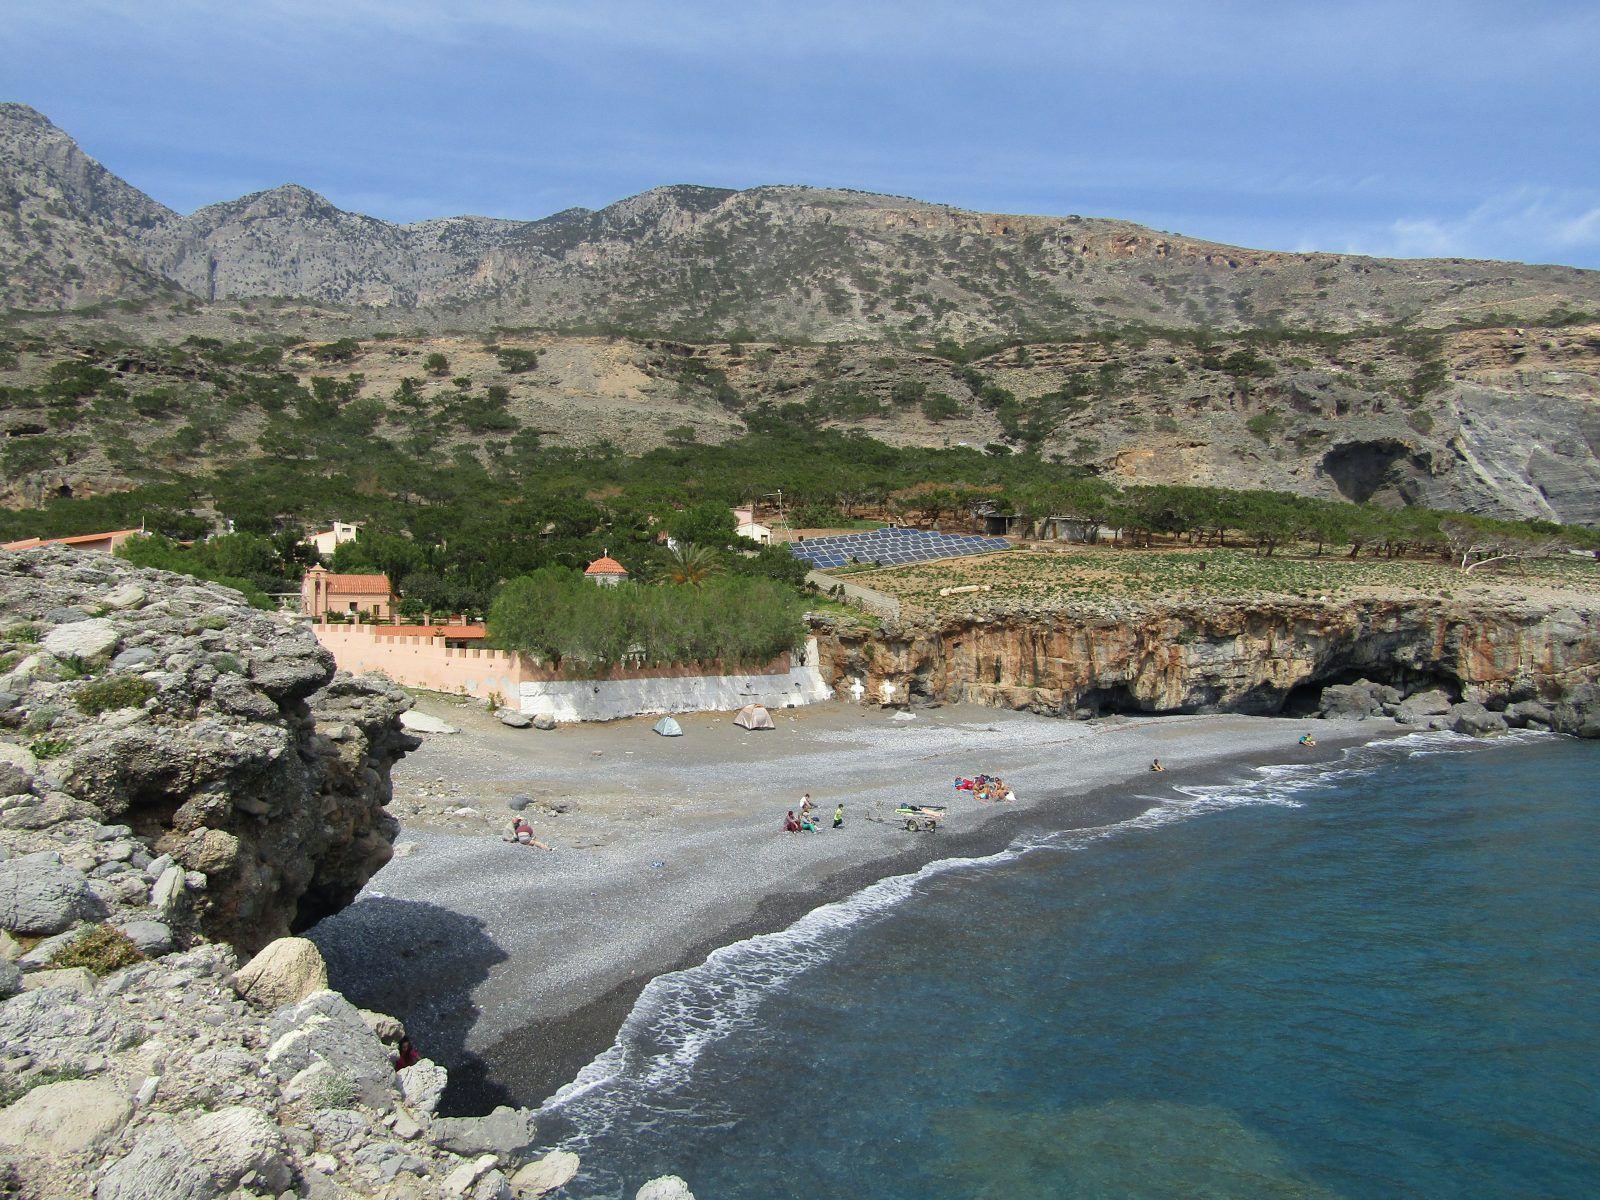 Κουδουμά, Παραλία στο Ηράκλειο Κρήτης